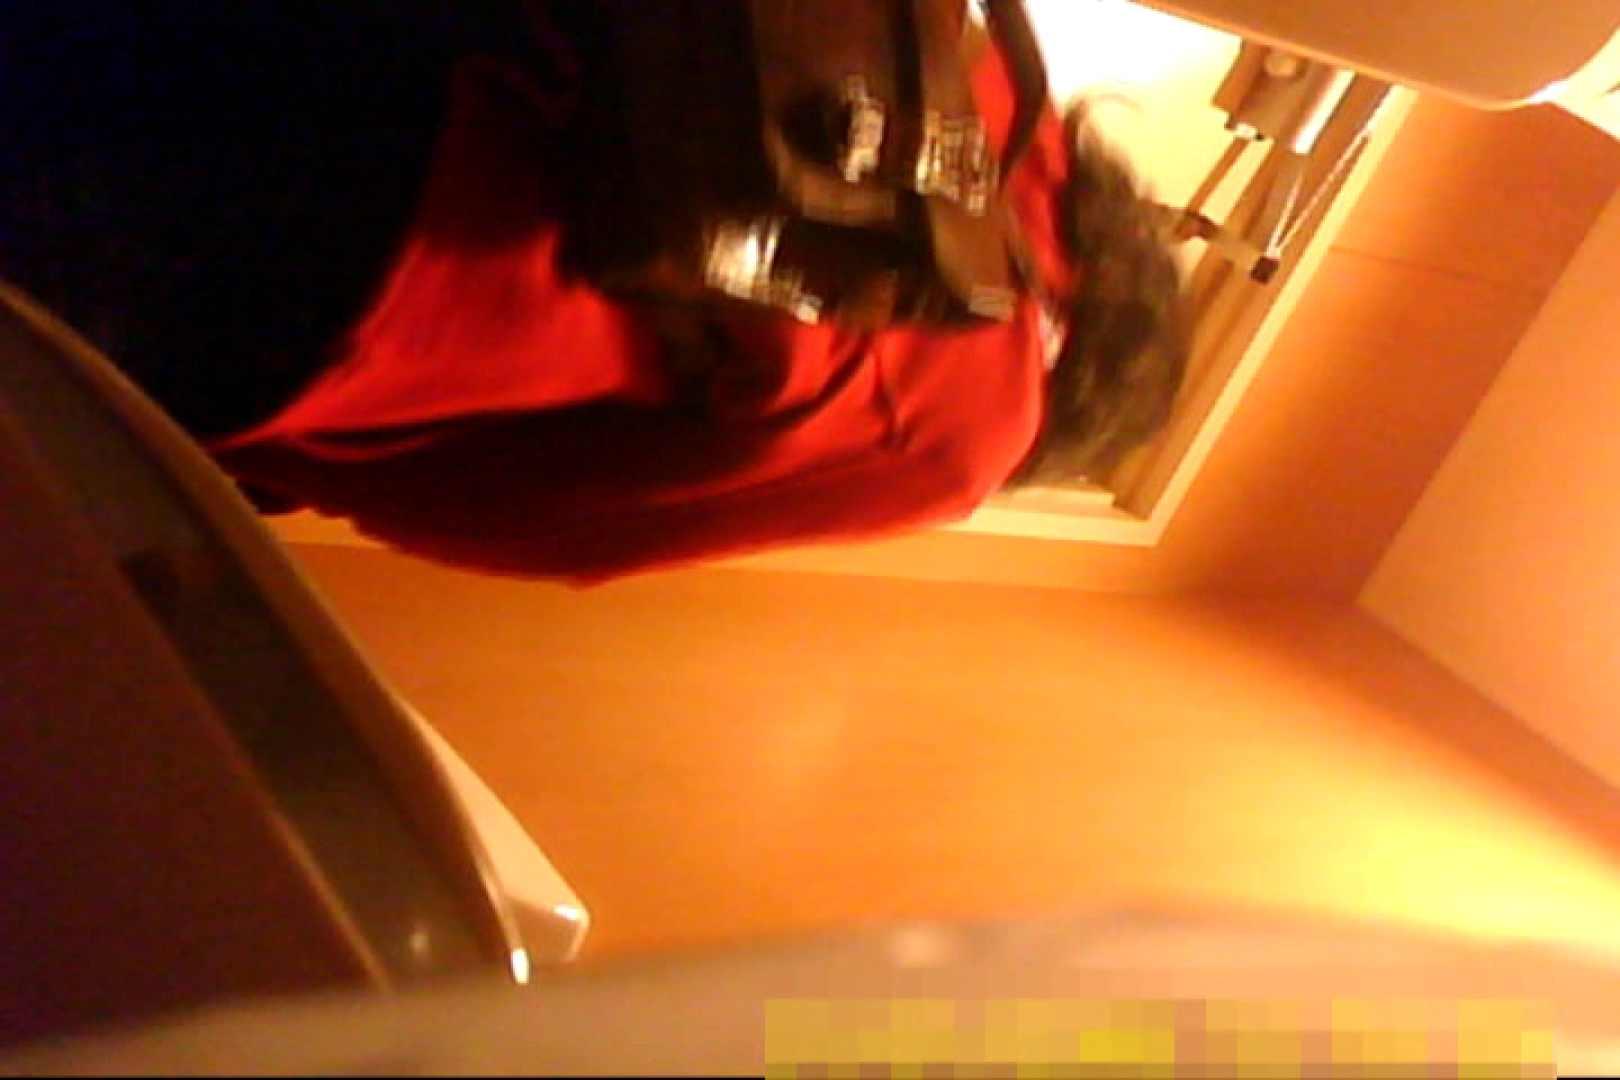 魅惑の化粧室~禁断のプライベート空間~vol.6 OLのボディ ワレメ動画紹介 103PIX 75